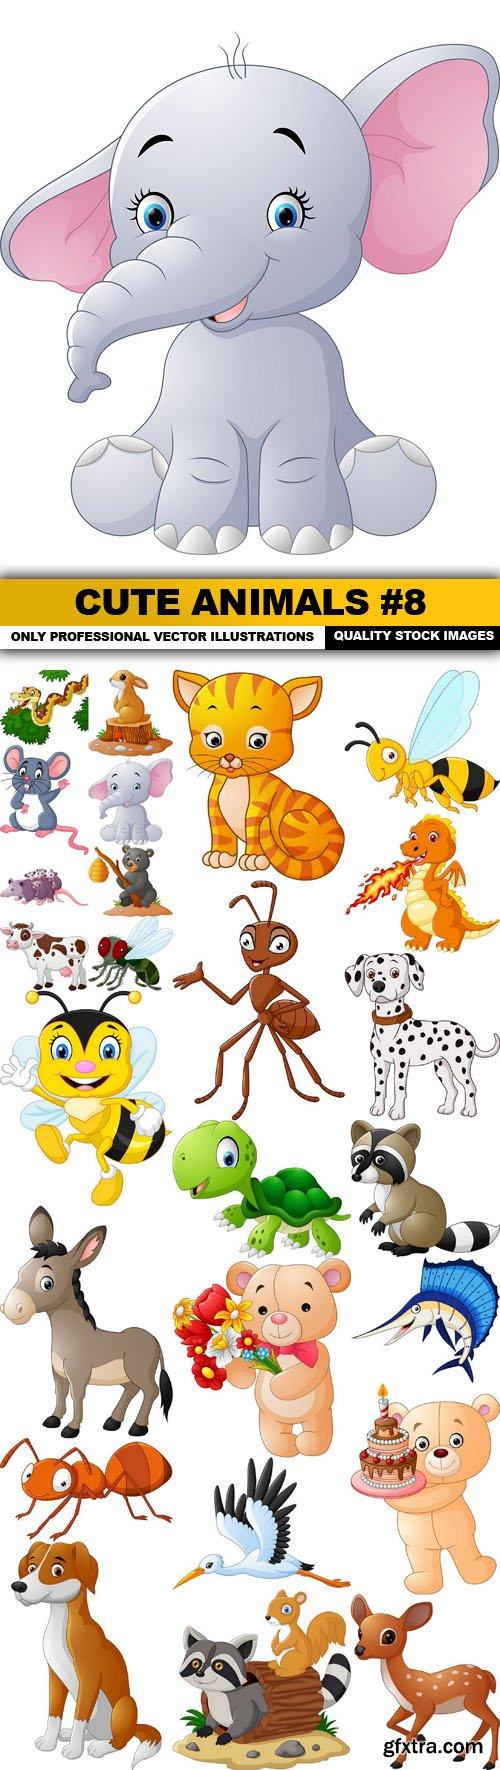 Cute Animals #8 - 25 Vector